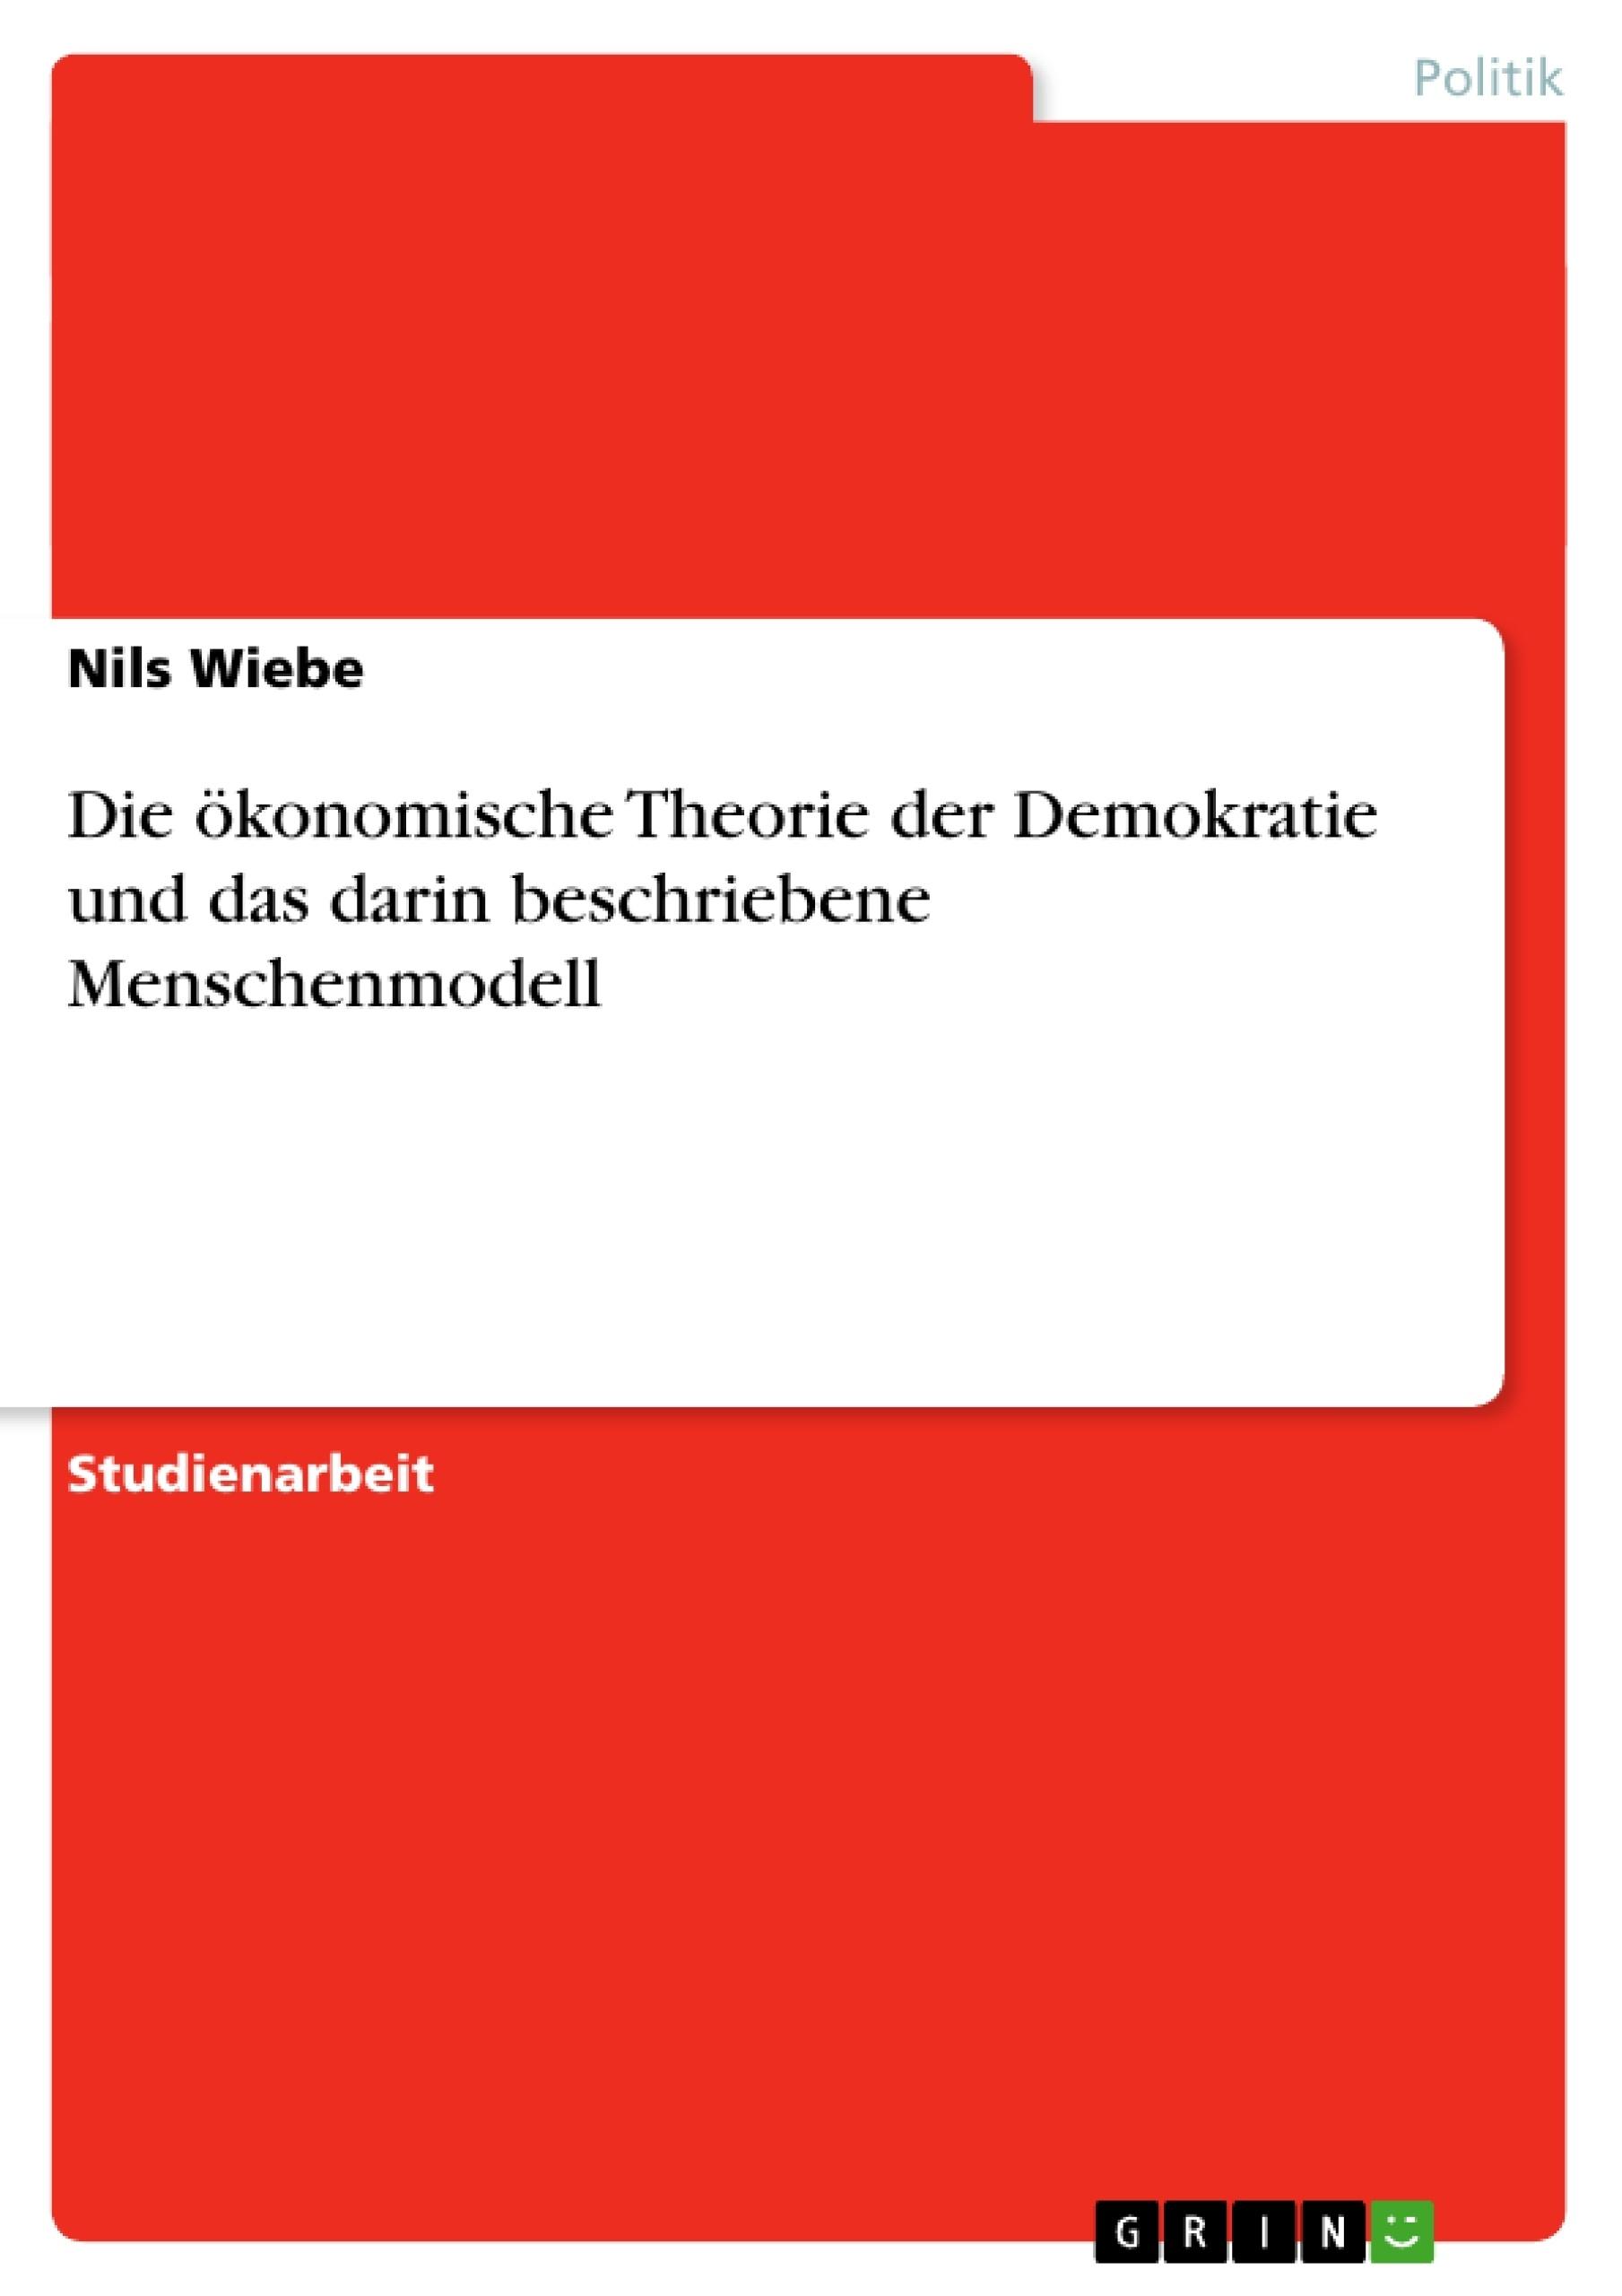 Titel: Die ökonomische Theorie der Demokratie und das darin beschriebene Menschenmodell